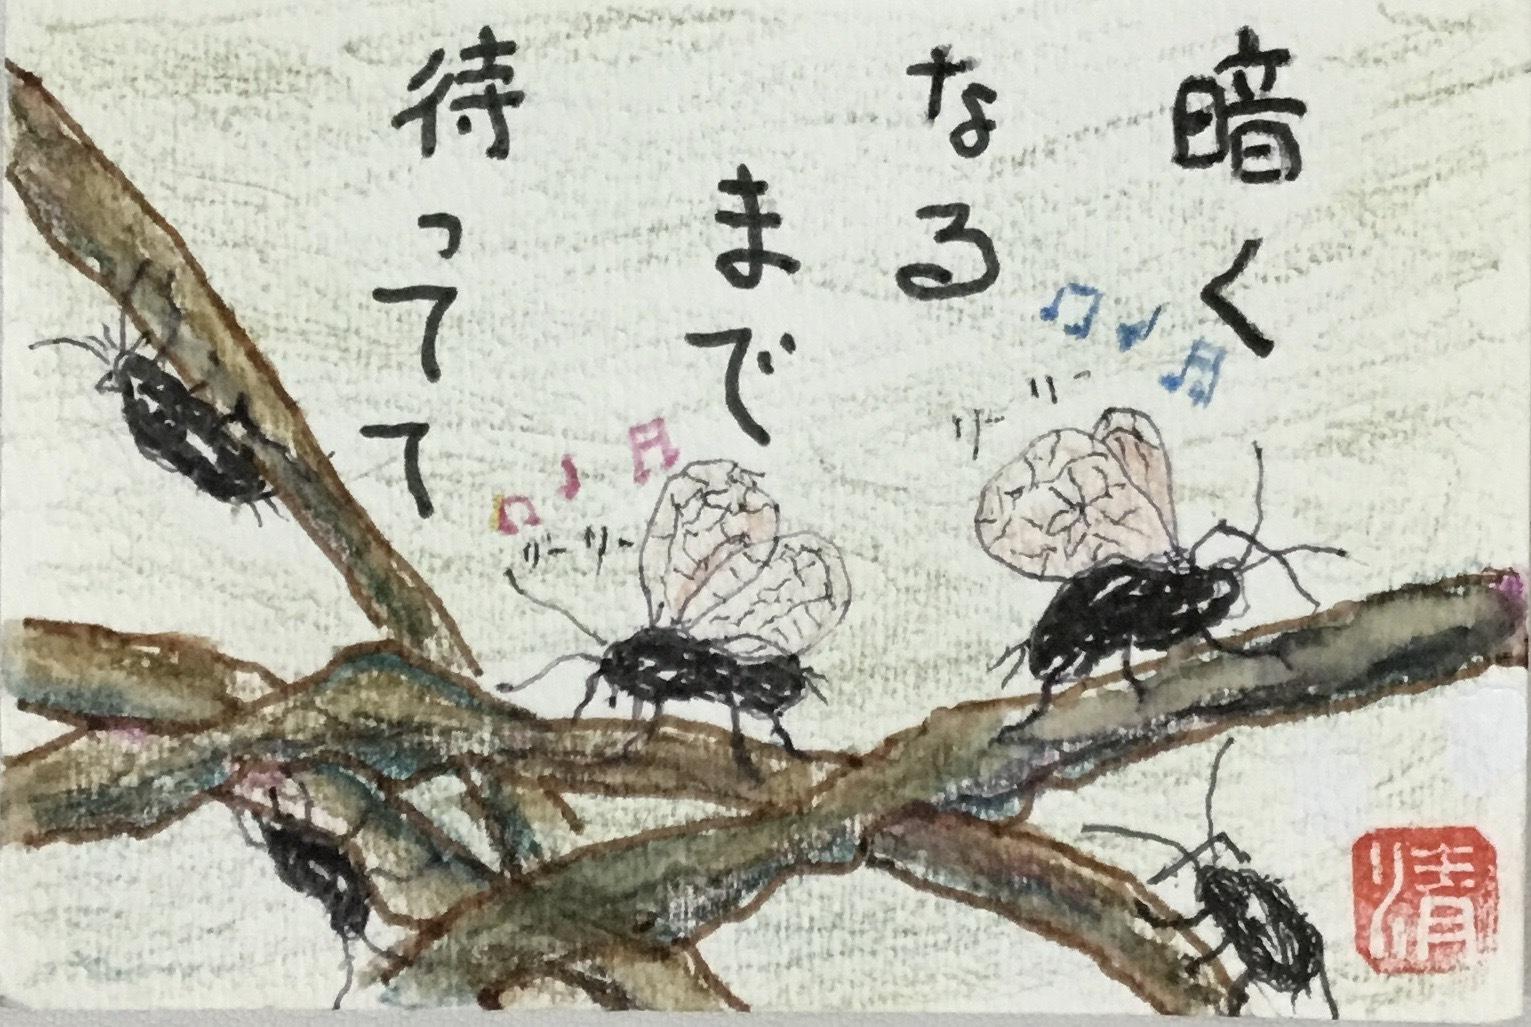 鈴虫と酔芙蓉(スイフヨウ)_e0281793_22500445.jpg